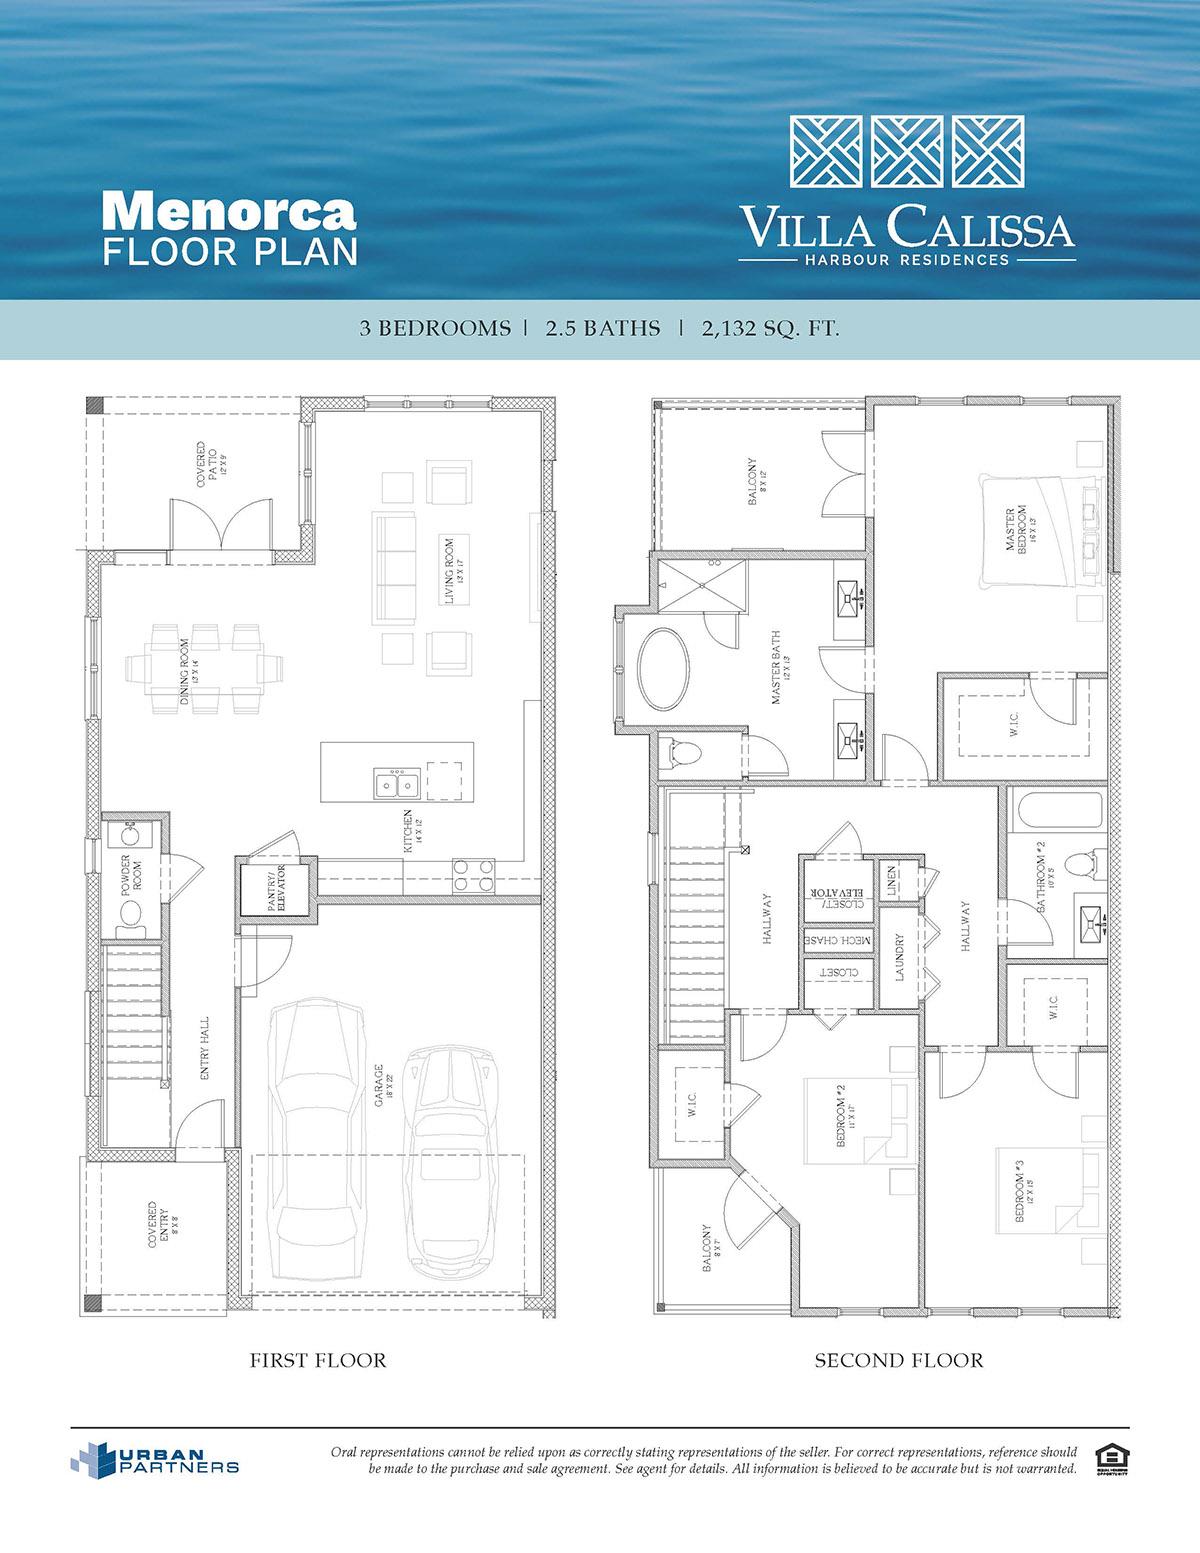 Menorca floor plan at Villa Calissa